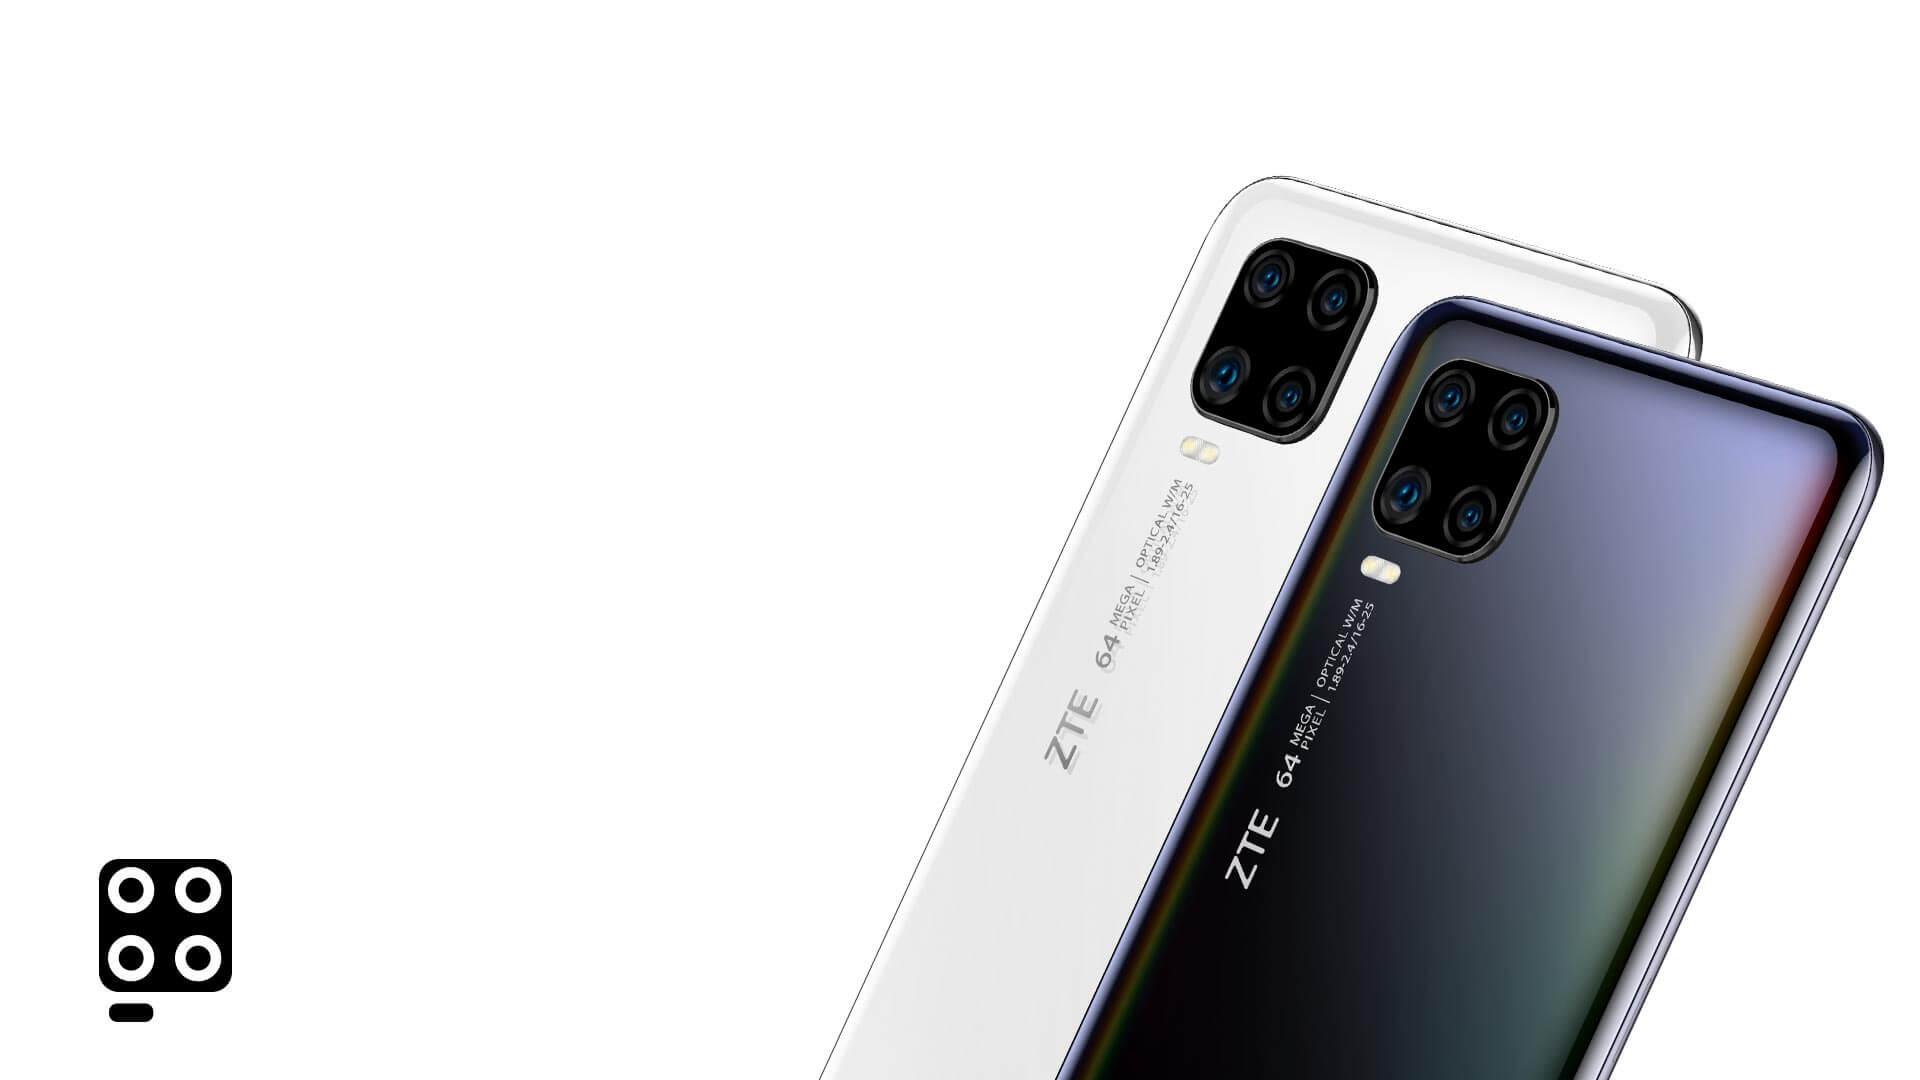 Gewinnspiel: Wir verlosen unser ZTE Axon 11 5G Testmuster - Beyond Pixels